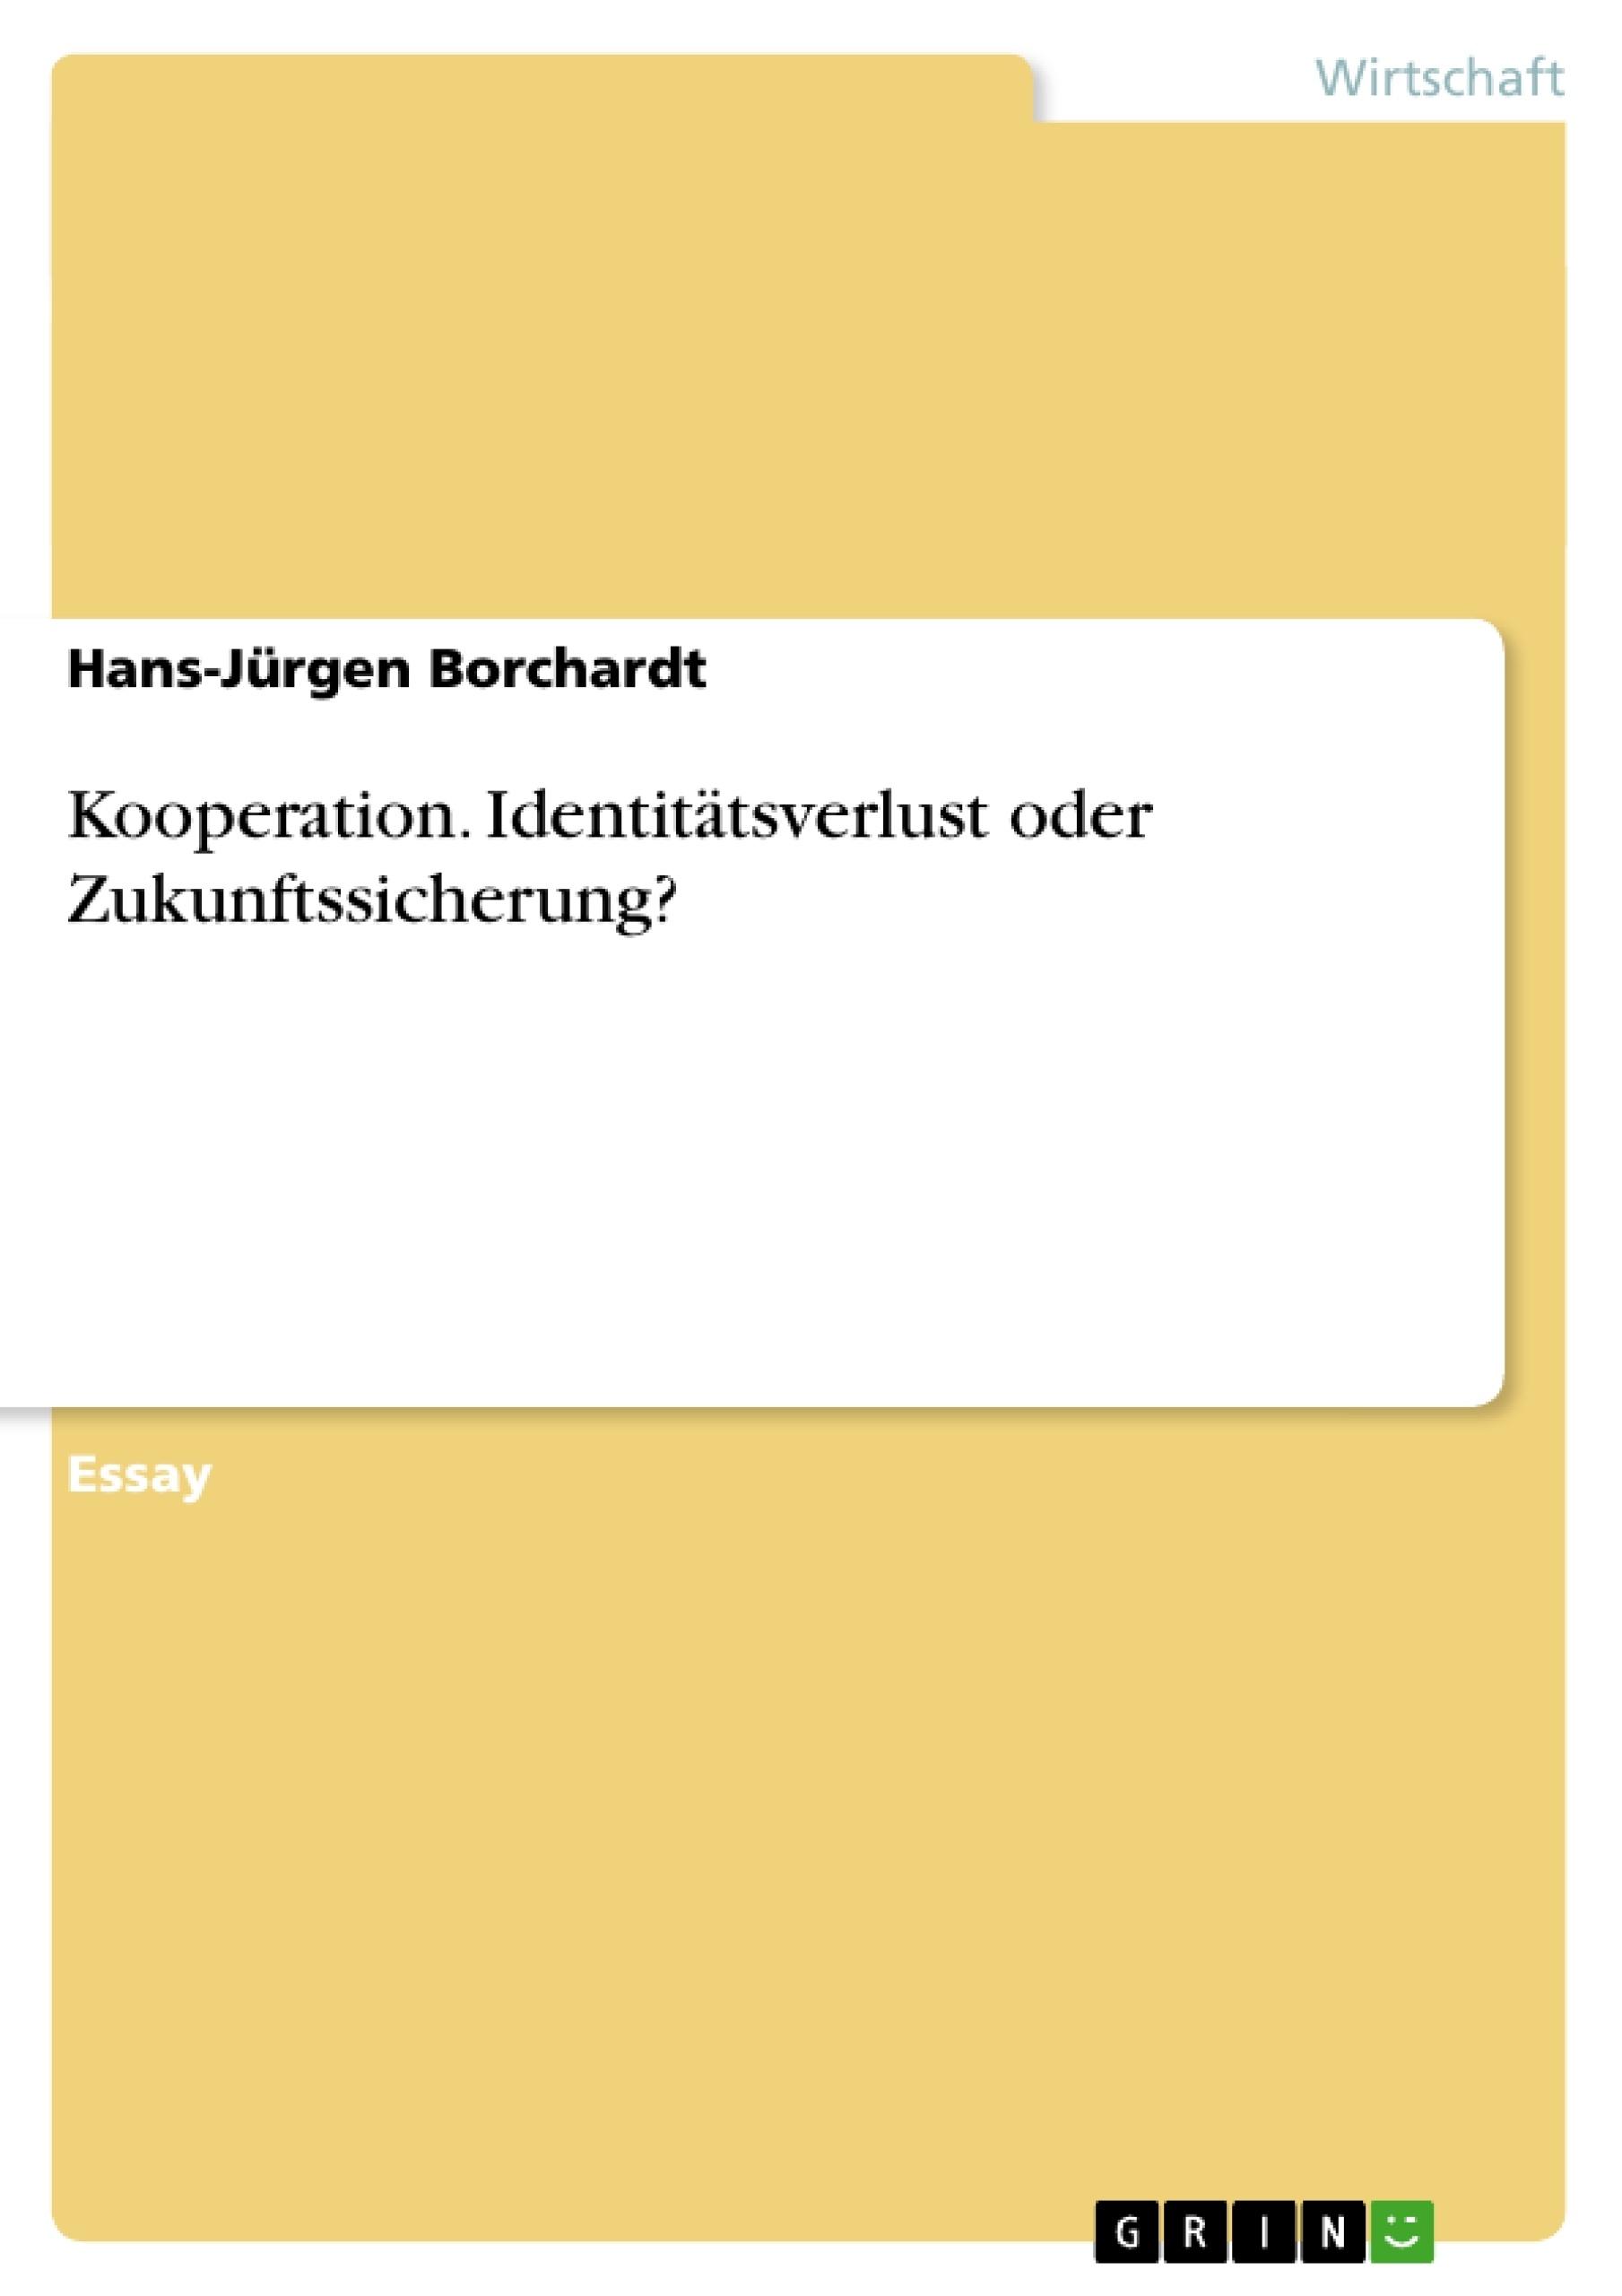 Titel: Kooperation. Identitätsverlust oder Zukunftssicherung?